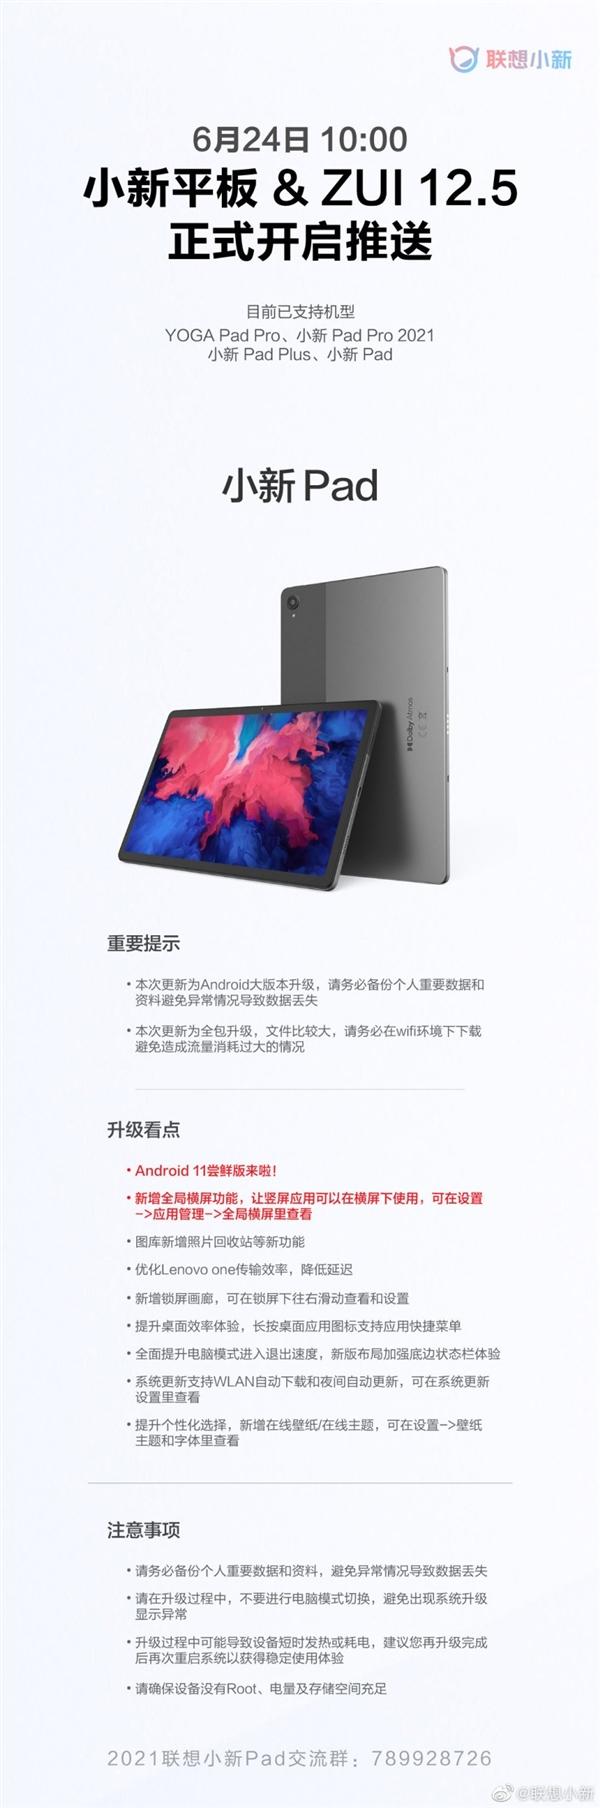 唯一骁龙870平板!联想小新Pad Pro等推送安卓11尝鲜版系统